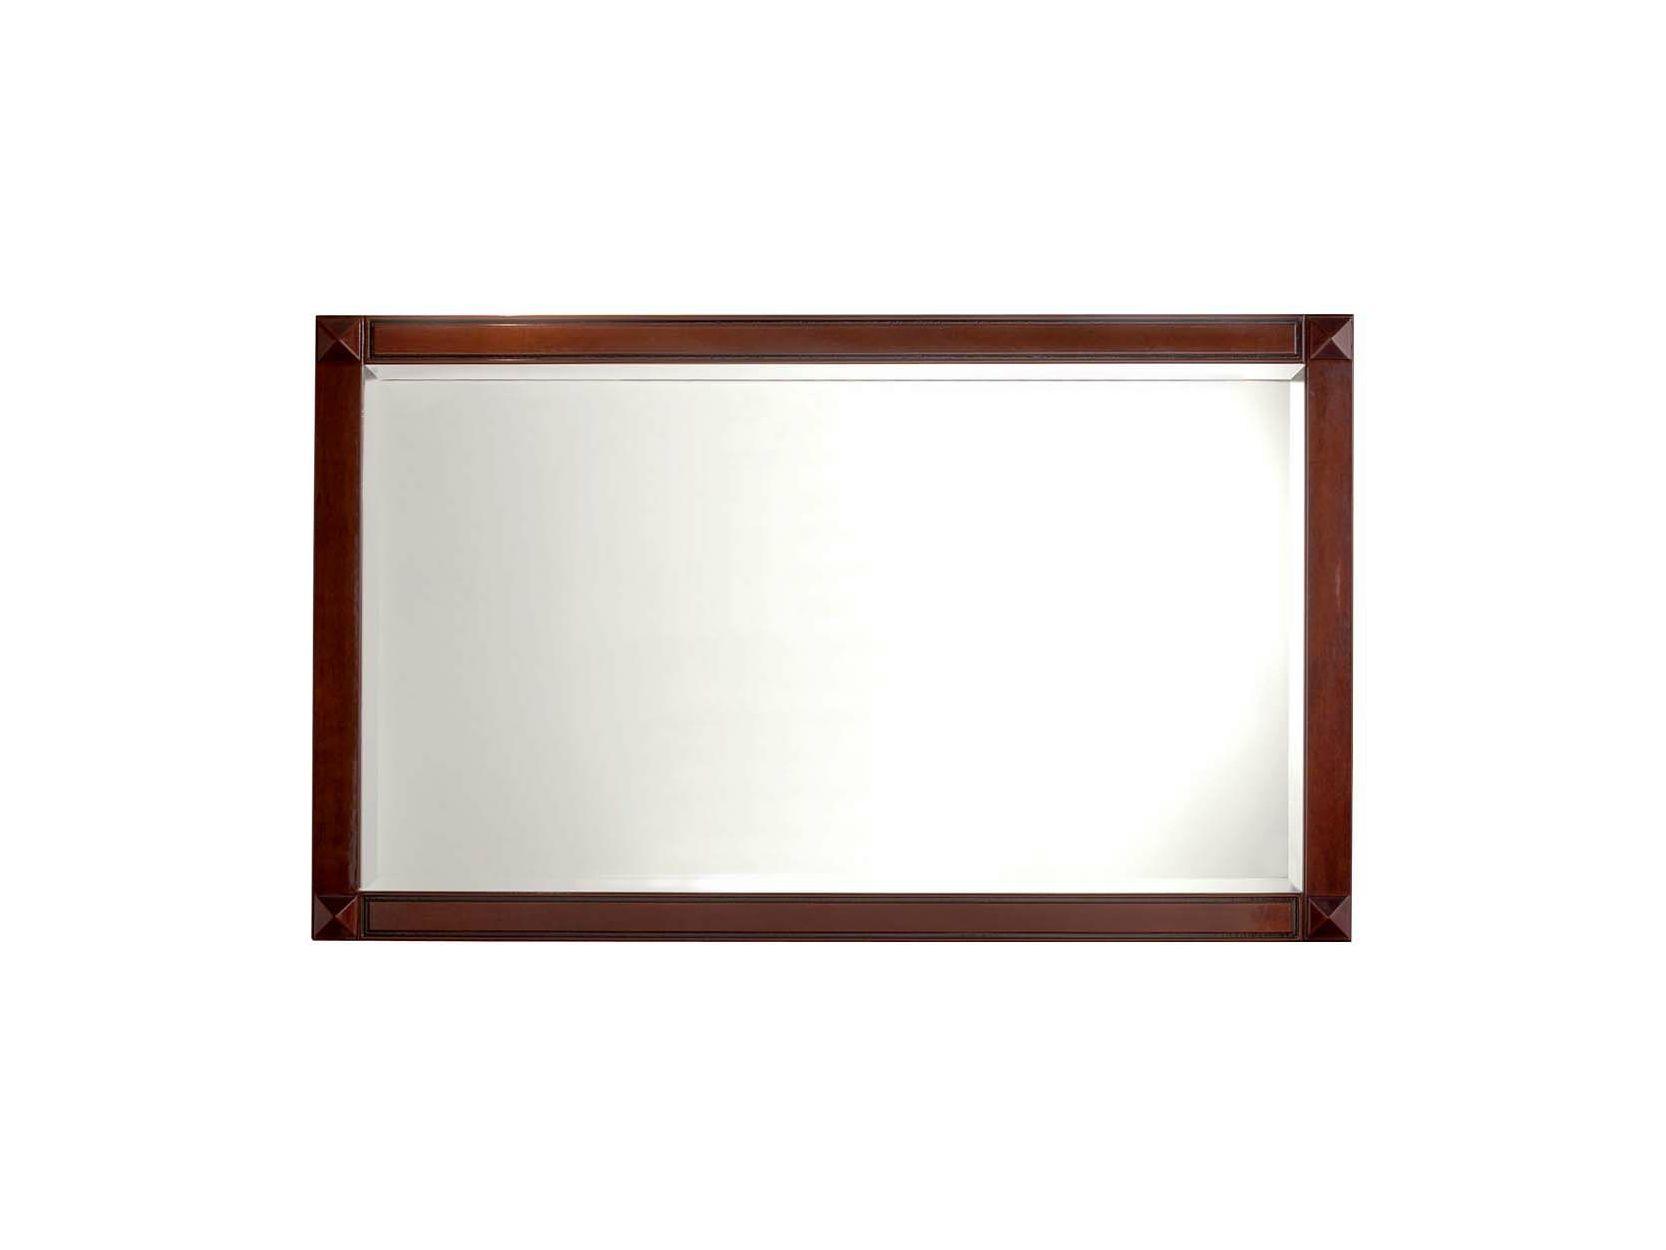 Specchio a parete con cornice chester mirror by gentry home - Parete a specchio ...